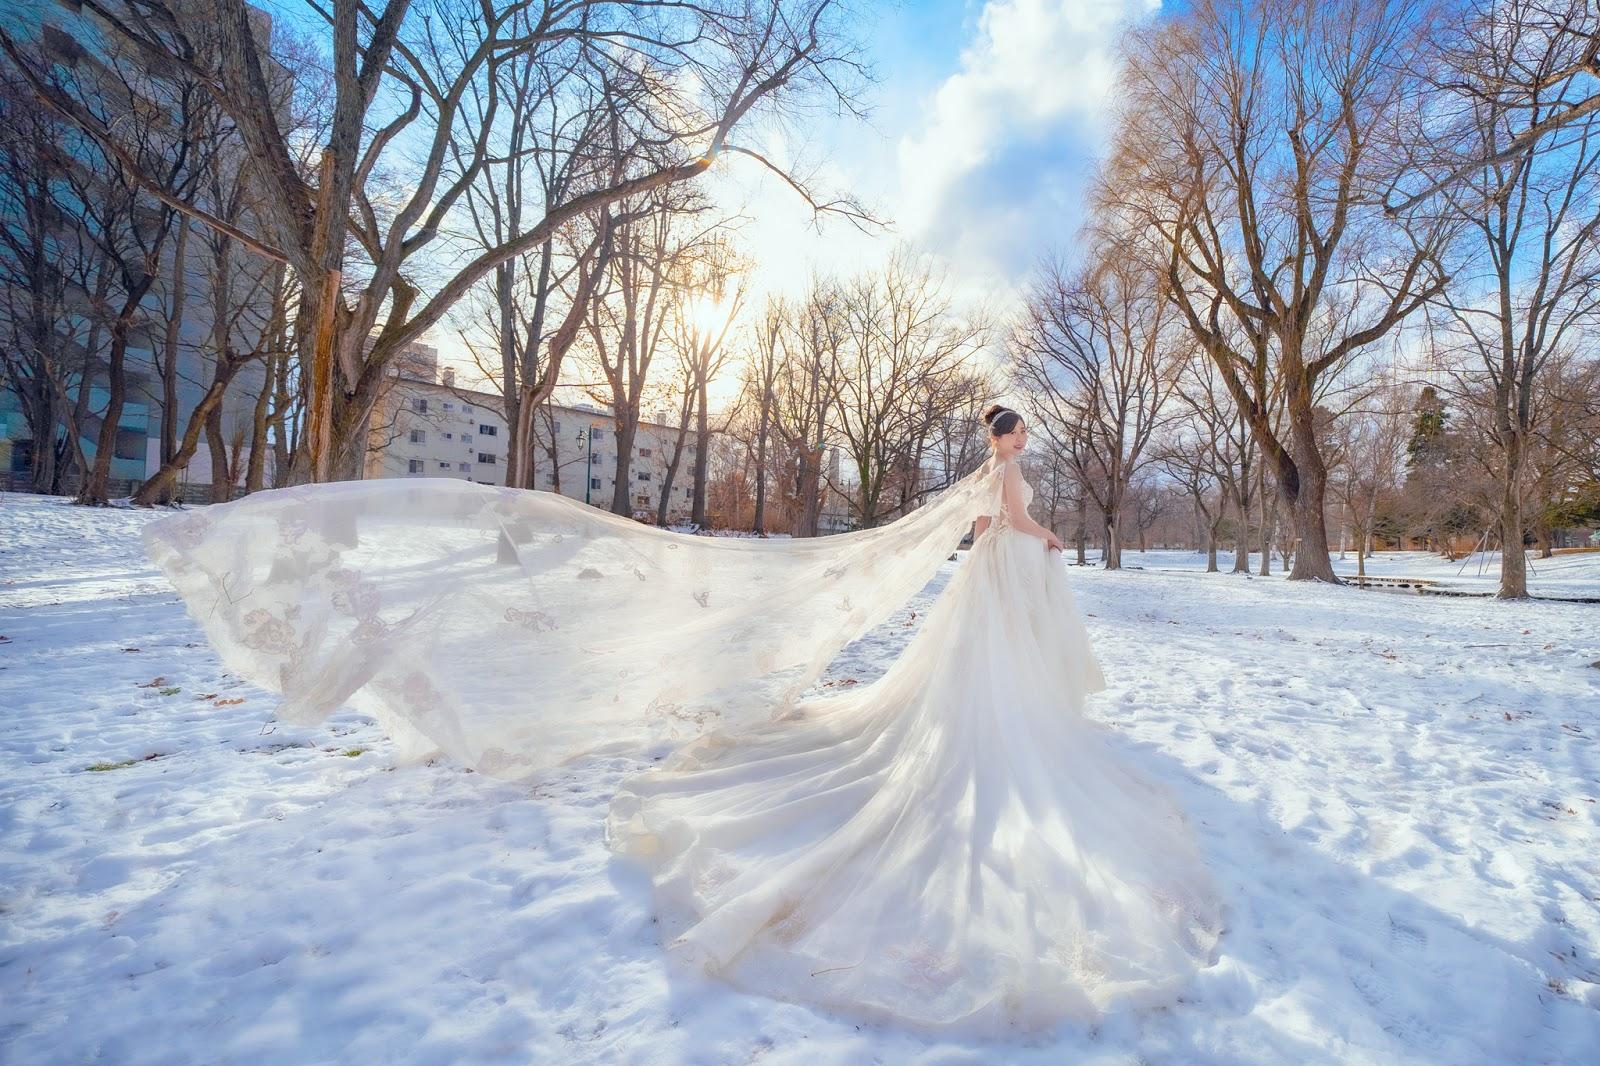 北海道婚紗/日本海外婚紗/下雪/北海道大學/小樽/札幌/雪天使/雪地婚紗/世界最美的北海道雪景婚紗/台北海外婚紗推薦/瑪朵婚紗